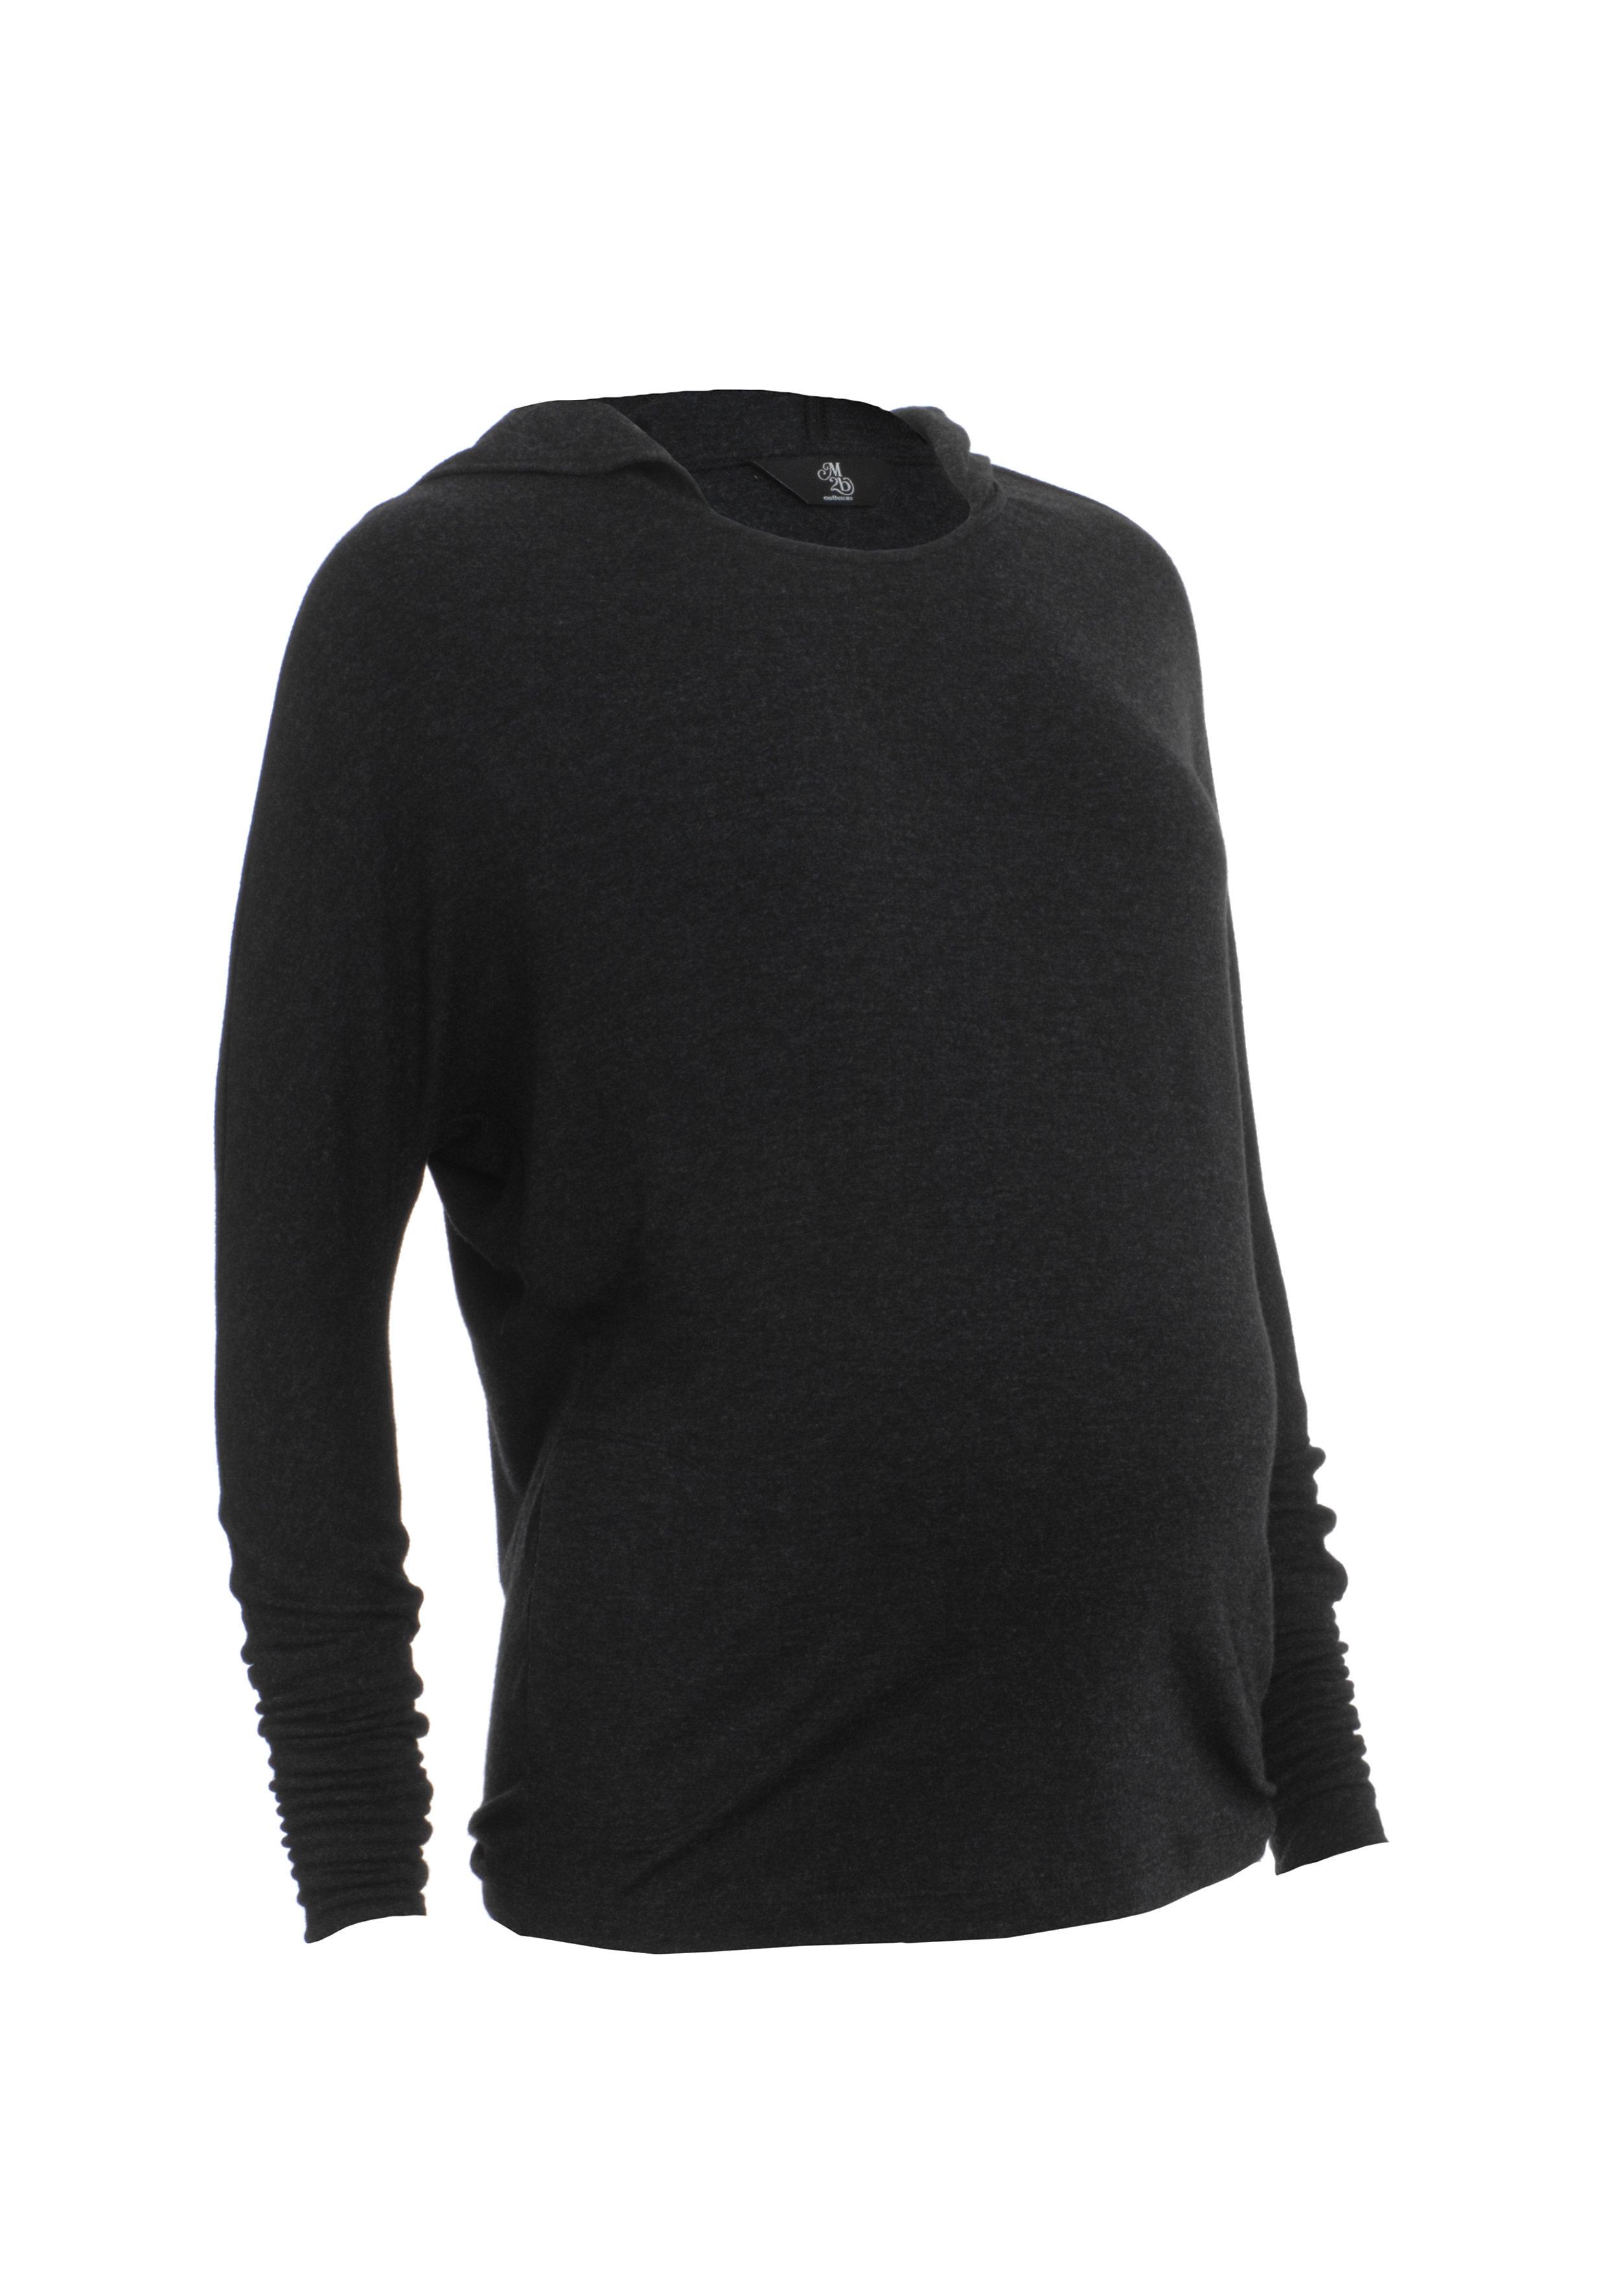 Mothercare | Women Full Sleeves Maternity Sweatshirt With Hood - Grey